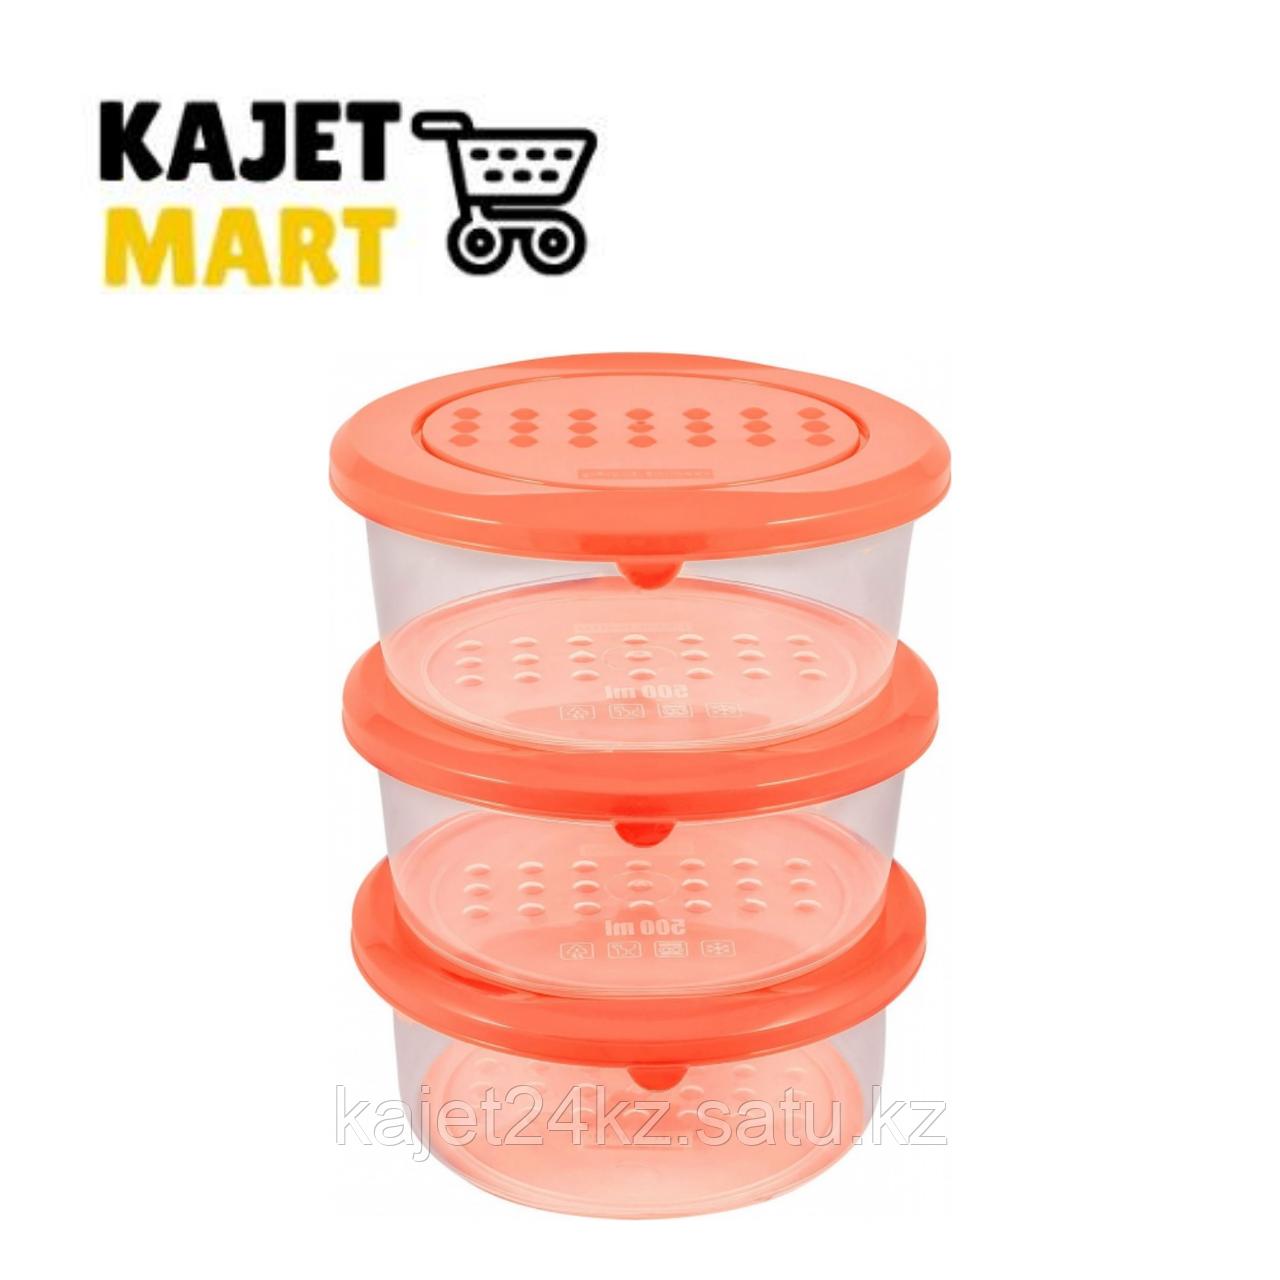 Набор емкостей для хранения продуктов PATTERN круглых 3 (3 шт. 0,5л) коралловый